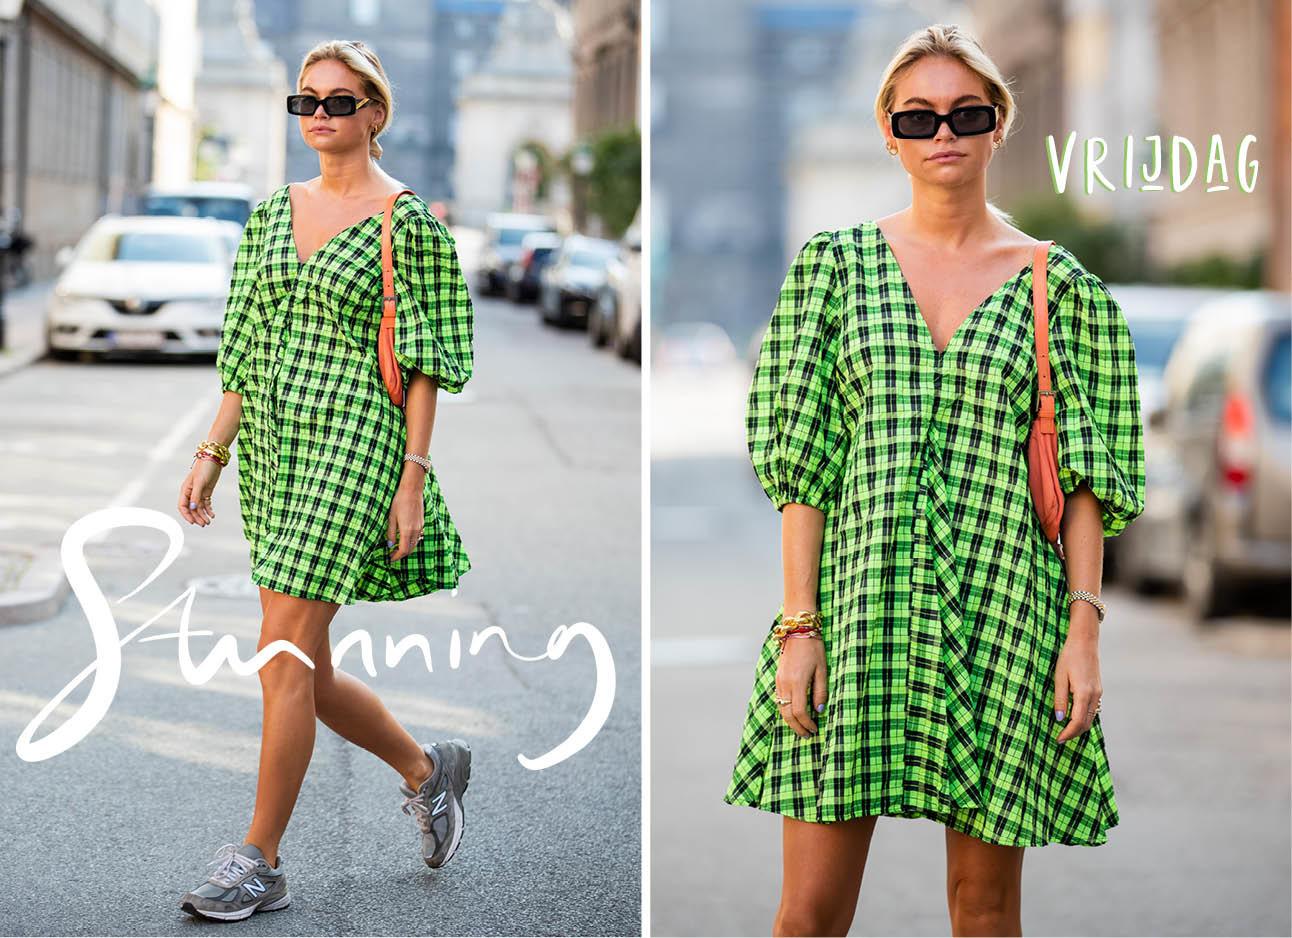 claire cliteur groene jurk